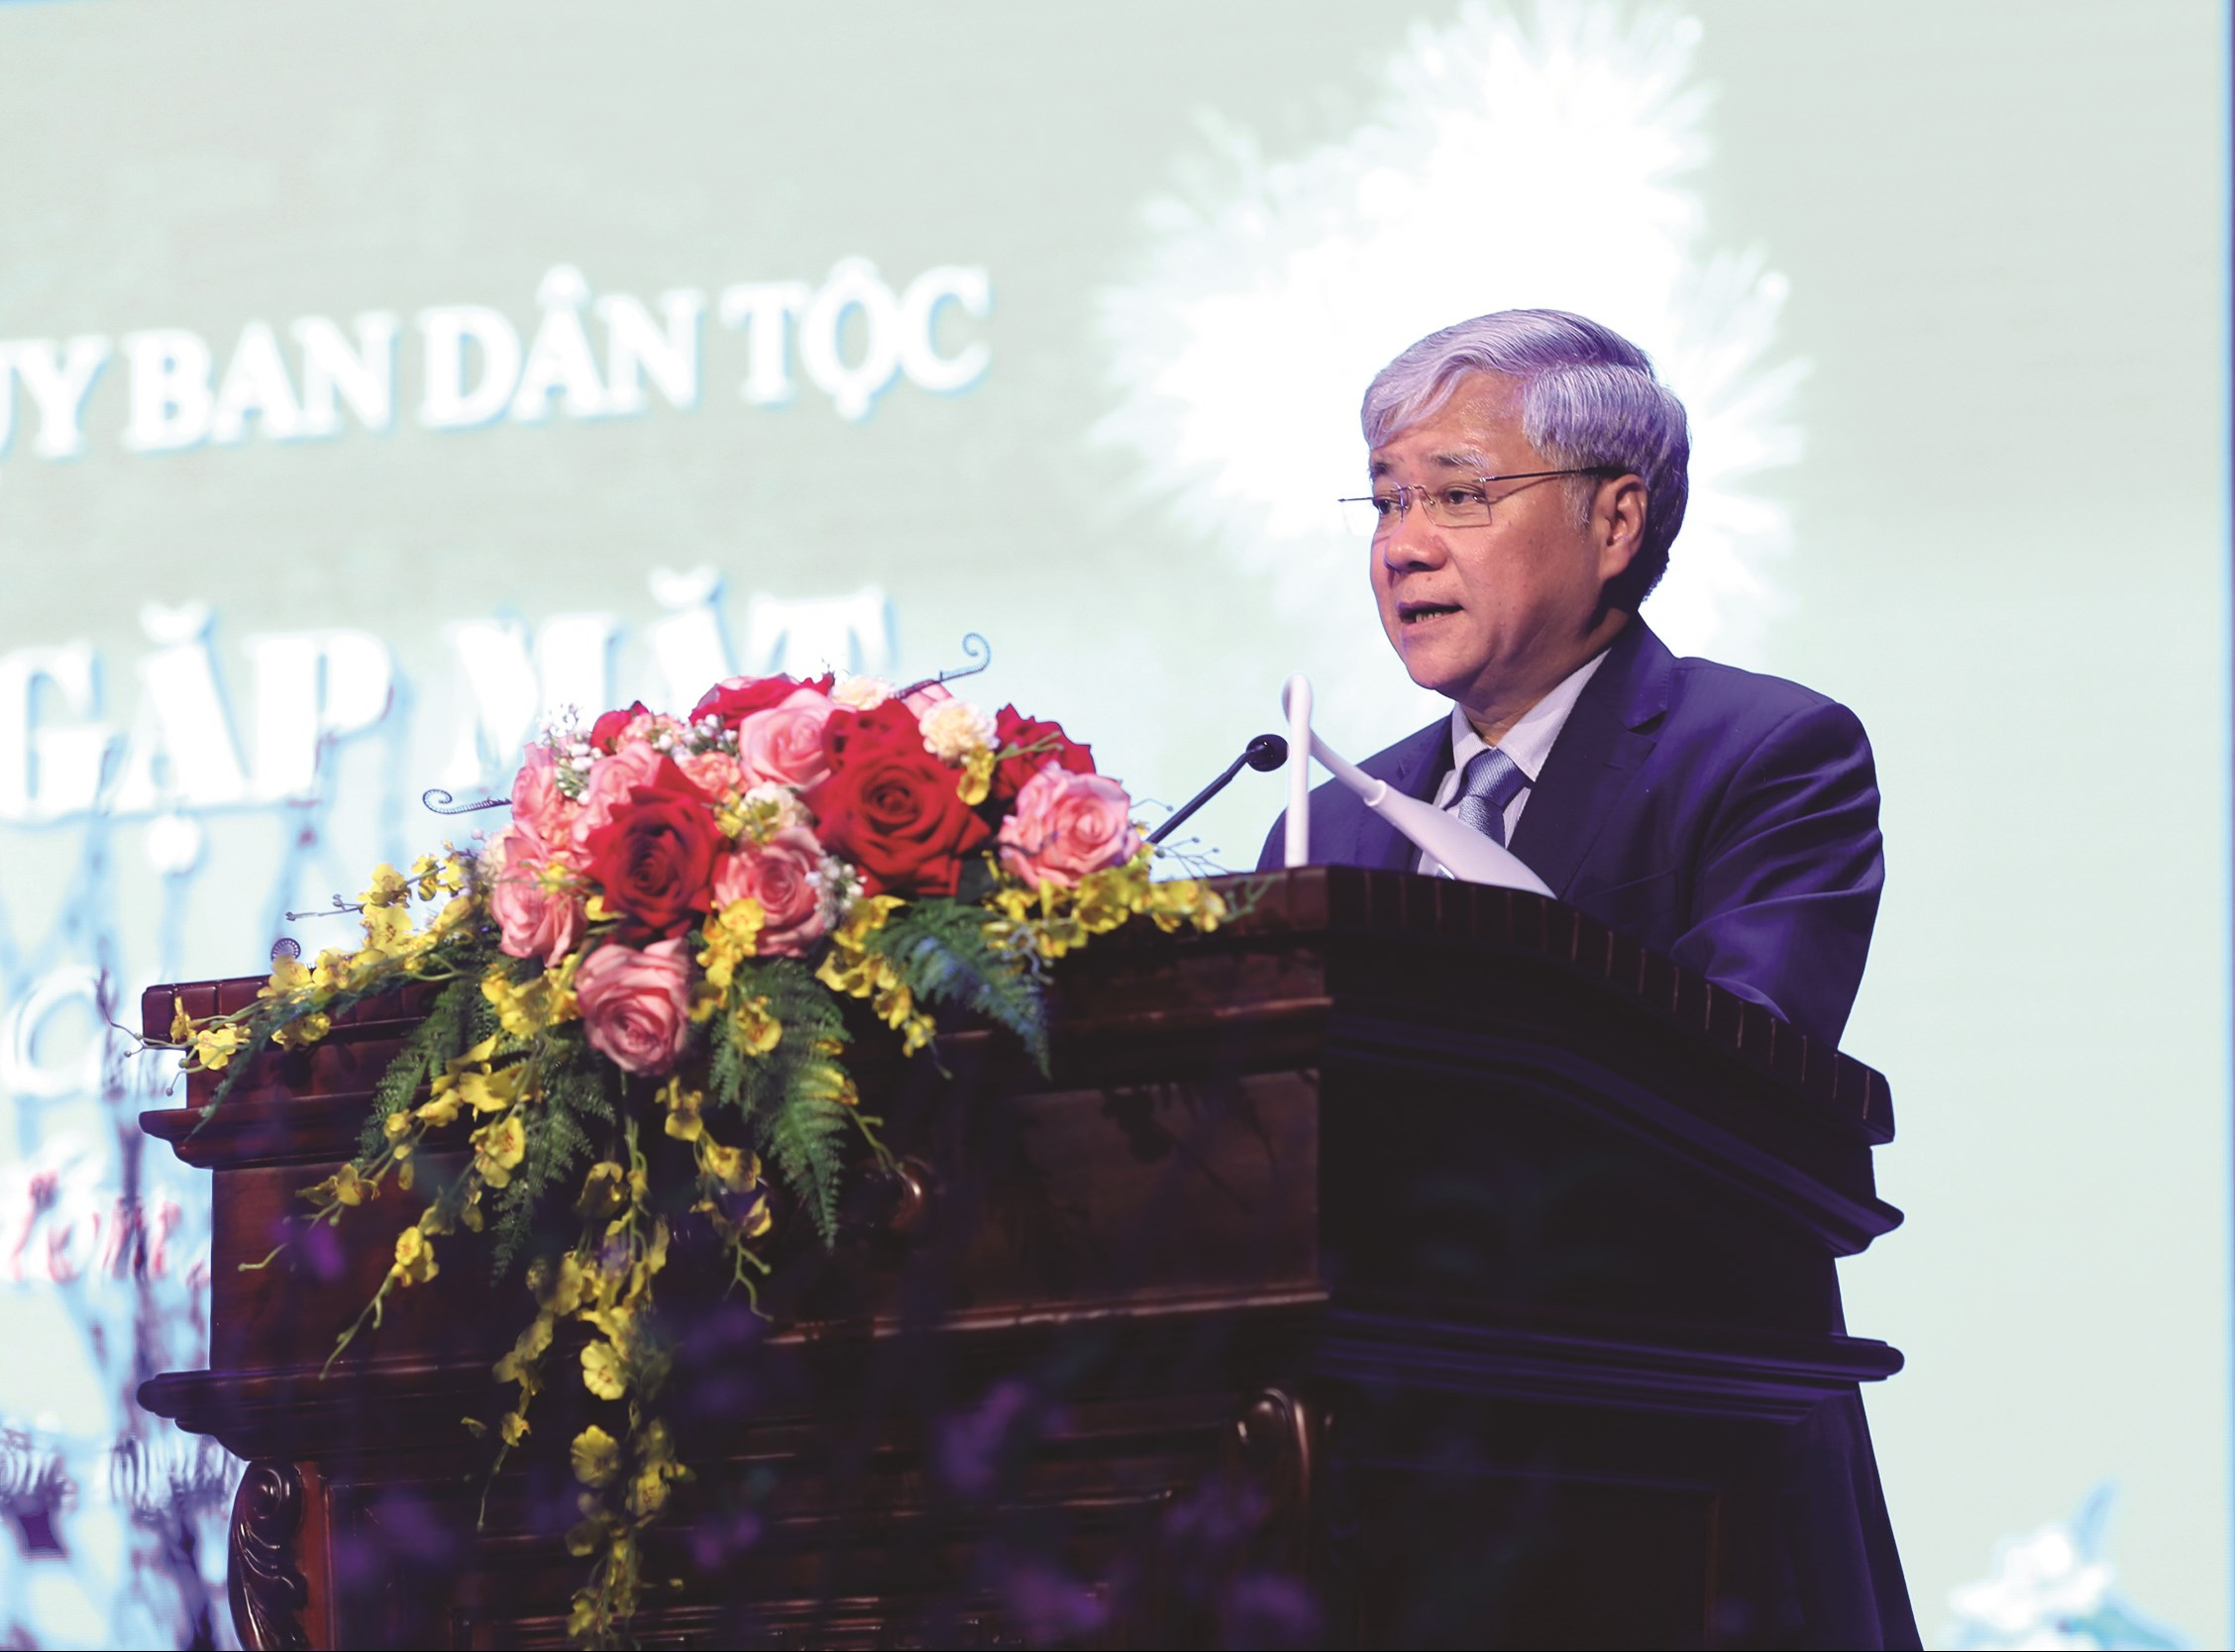 Bộ trưởng, Chủ nhiệm Đỗ Văn Chiến phát biểu tại buổi gặp mặt